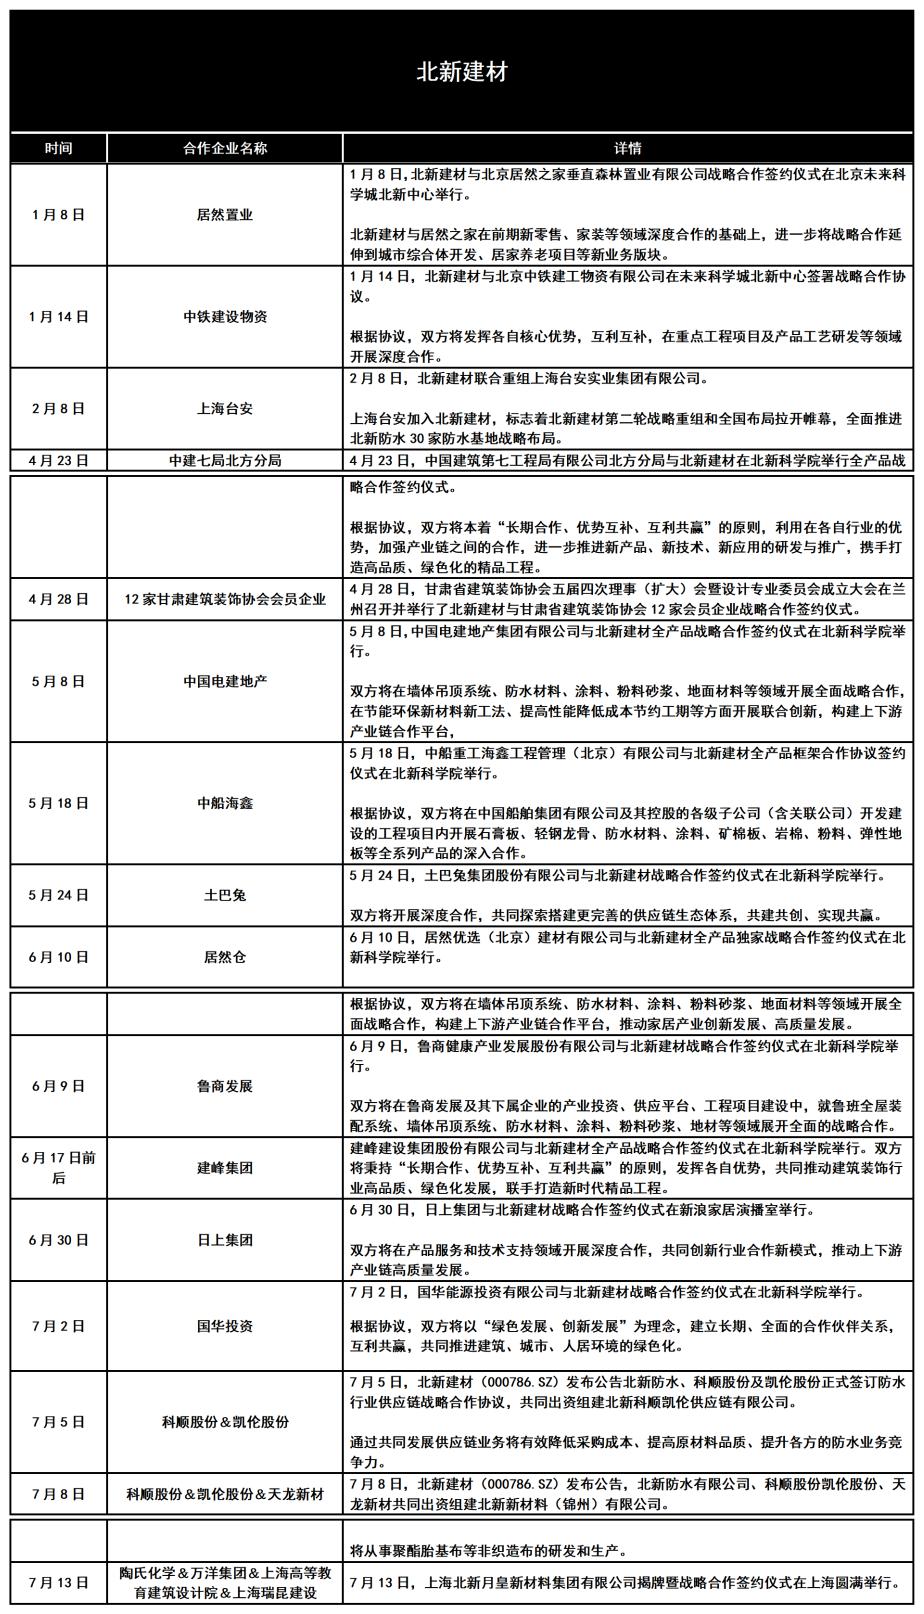 寰俊鍥剧墖_20210721110335.png